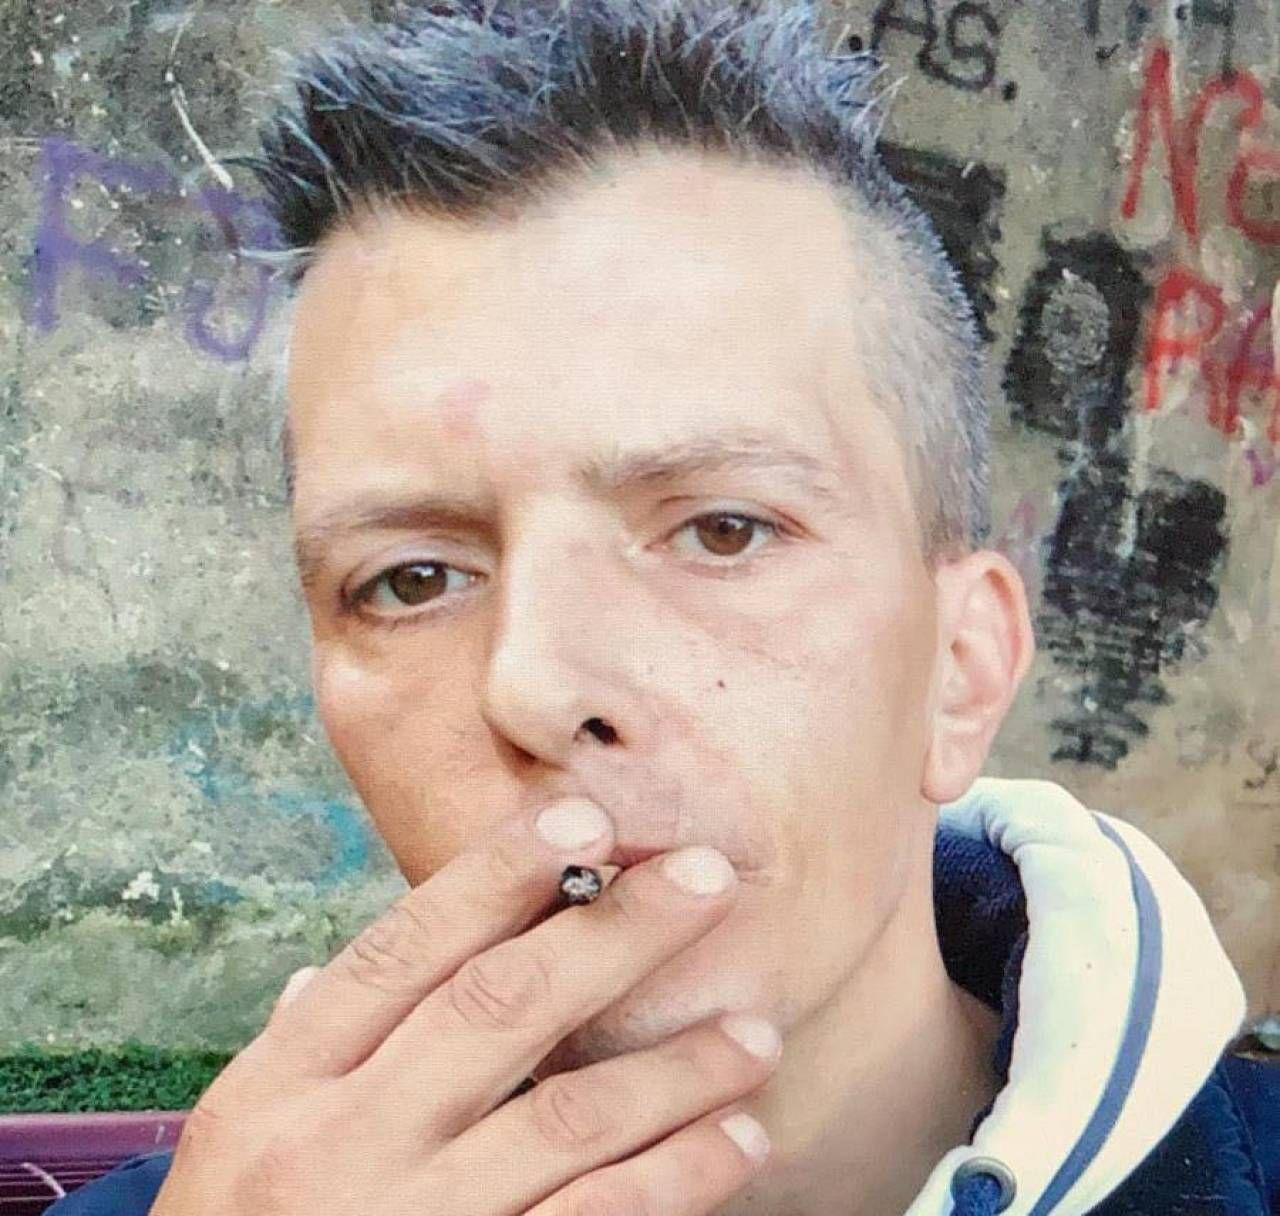 Cristian Sebastiano, 42 anni, è stato ucciso a coltellate domenica 30 novembre 2020